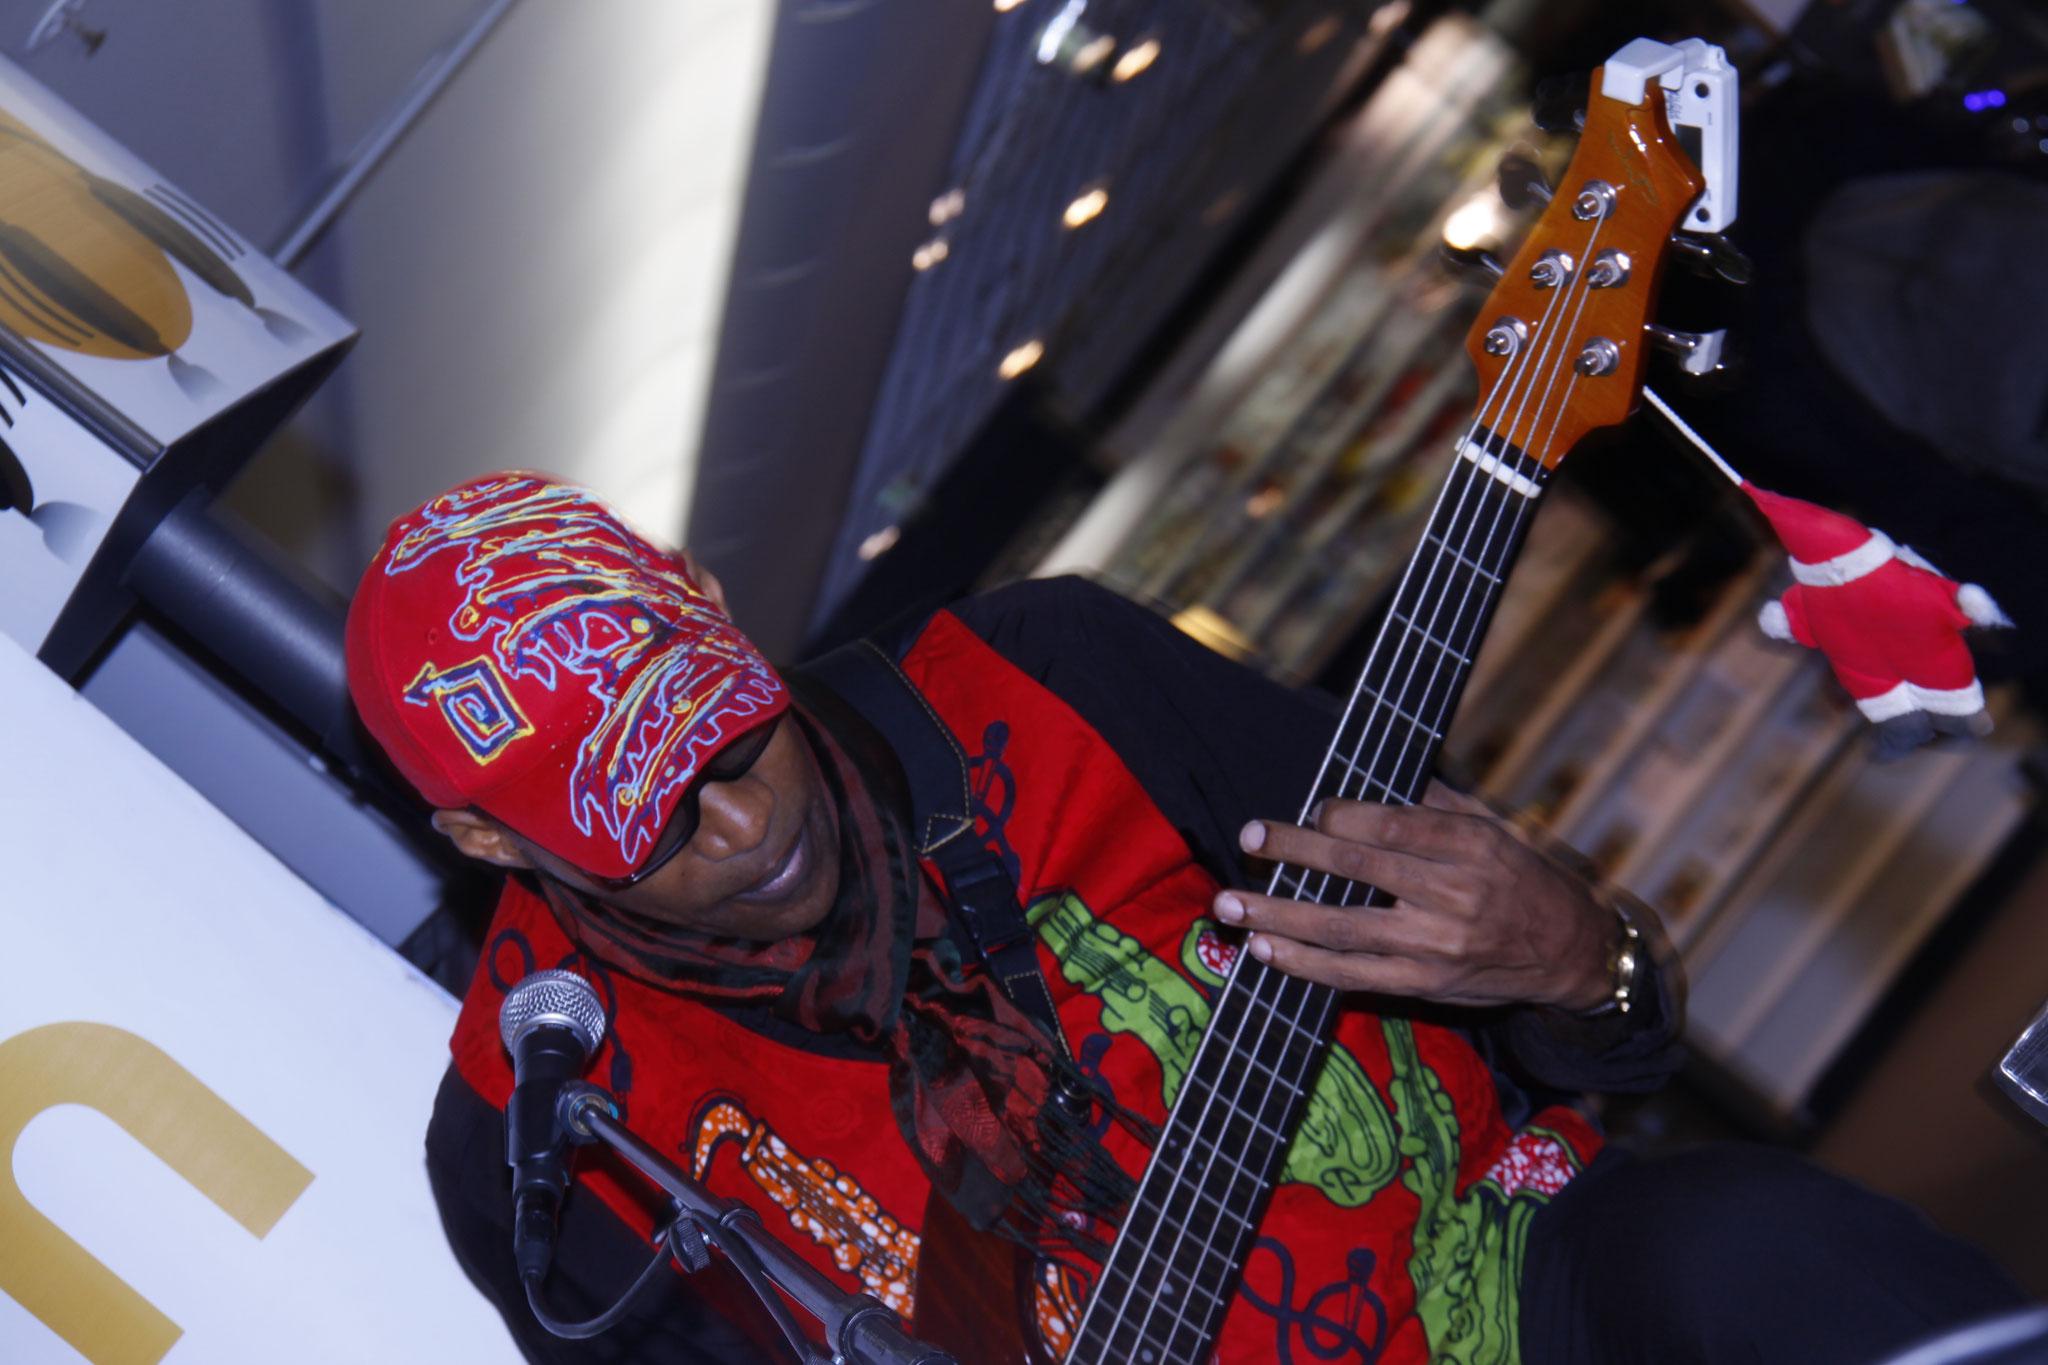 Les Jumeaux de MASAO (Masao Masu) en concert à la Fnac Chatelet les Halles  avec le bassite camerounais Noël Ekwabi  . Photo : Michel Abdebreman